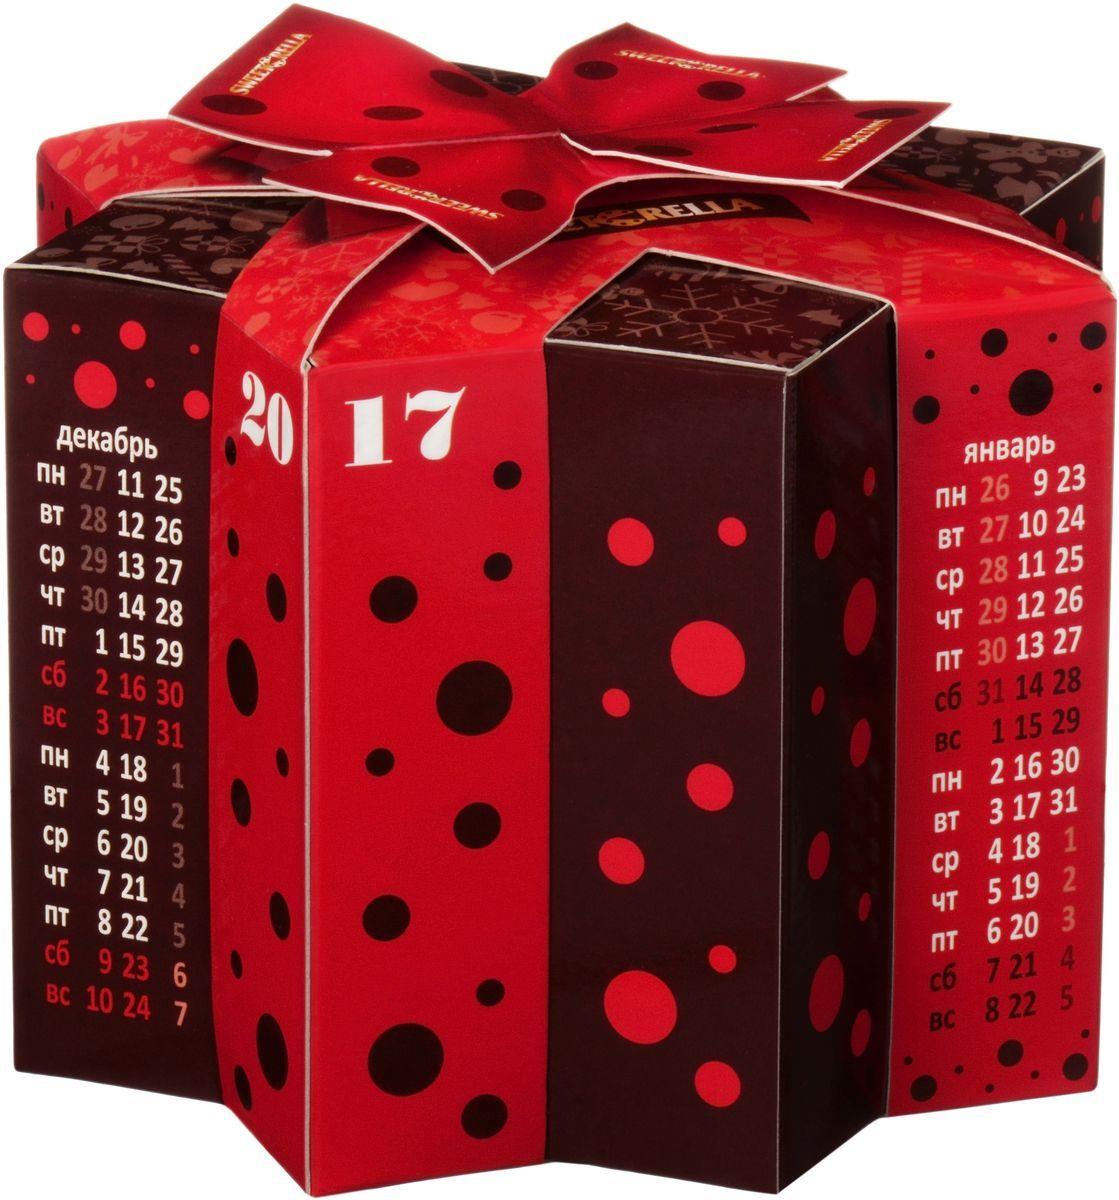 Sweeterella набор шоколадных конфет ручной работы звездочка календарь, 127 гиба042Набор шоколадных конфет в оригинальной упаковке выполненной в форме звездного календаря! Такую упаковку можно использовать в качестве настольного календаря и угощаться конфеткой к чаю. Состав: Набор шоколадных конфет ручной работы из молочного шоколада с шоколадно-сливочной начинкой.